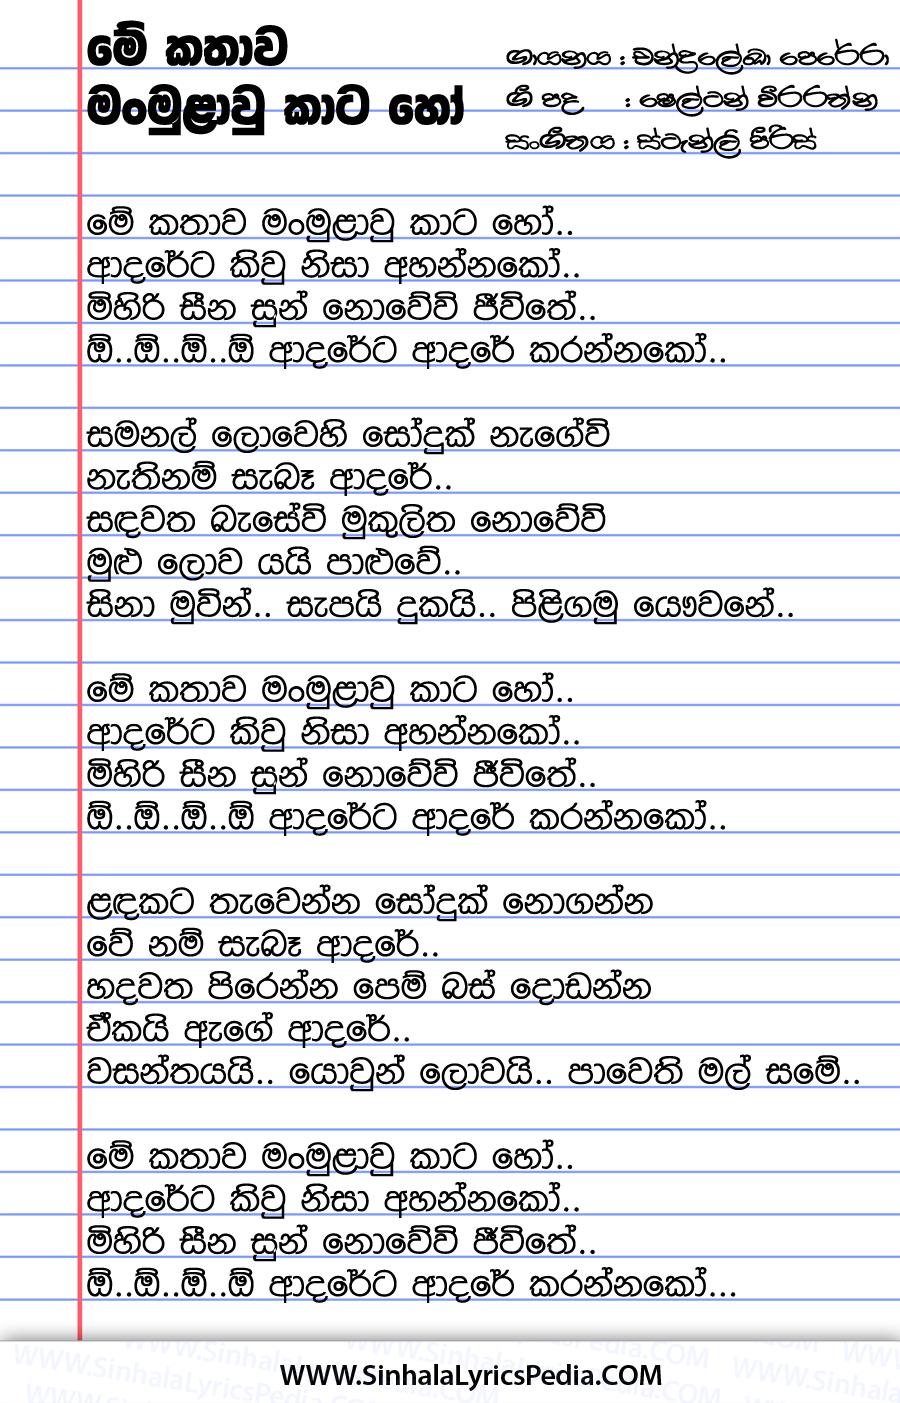 Me Kathawa Man Mula Wu Kata Ho Song Lyrics